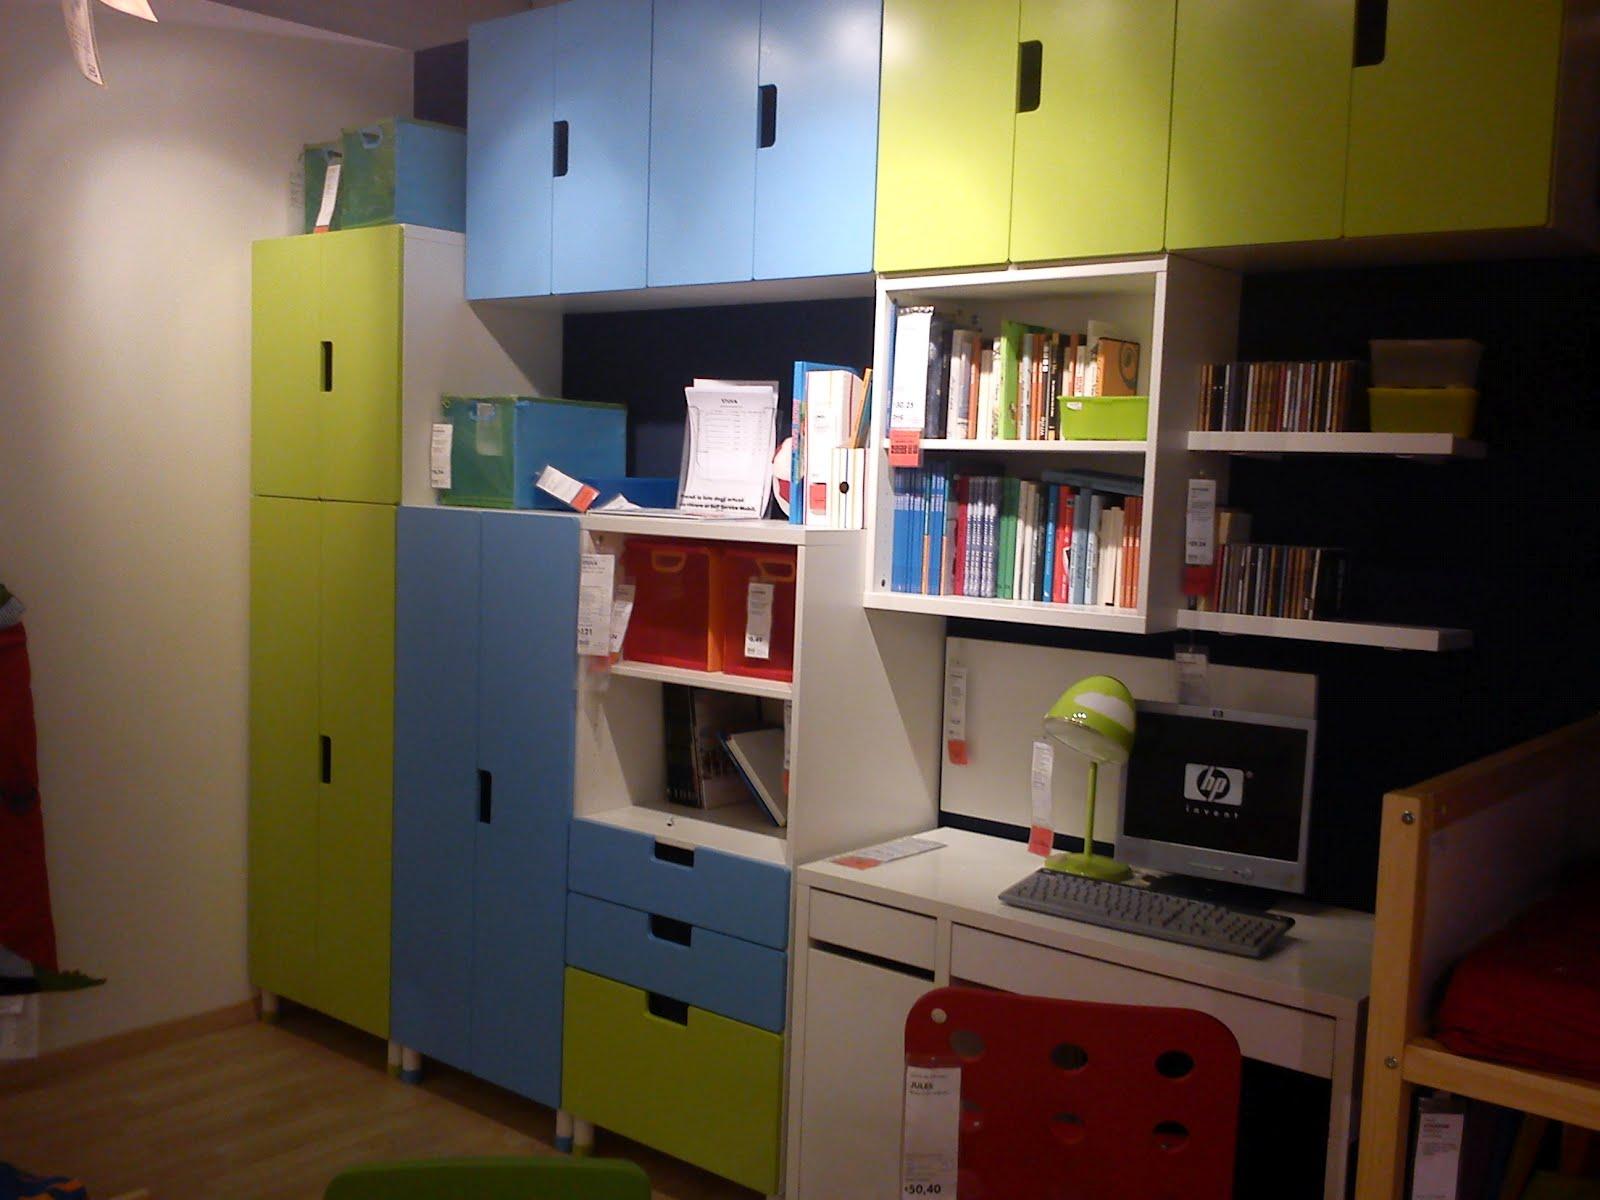 Ikea e momichan febbraio 2012 - Tappeti cameretta ikea ...